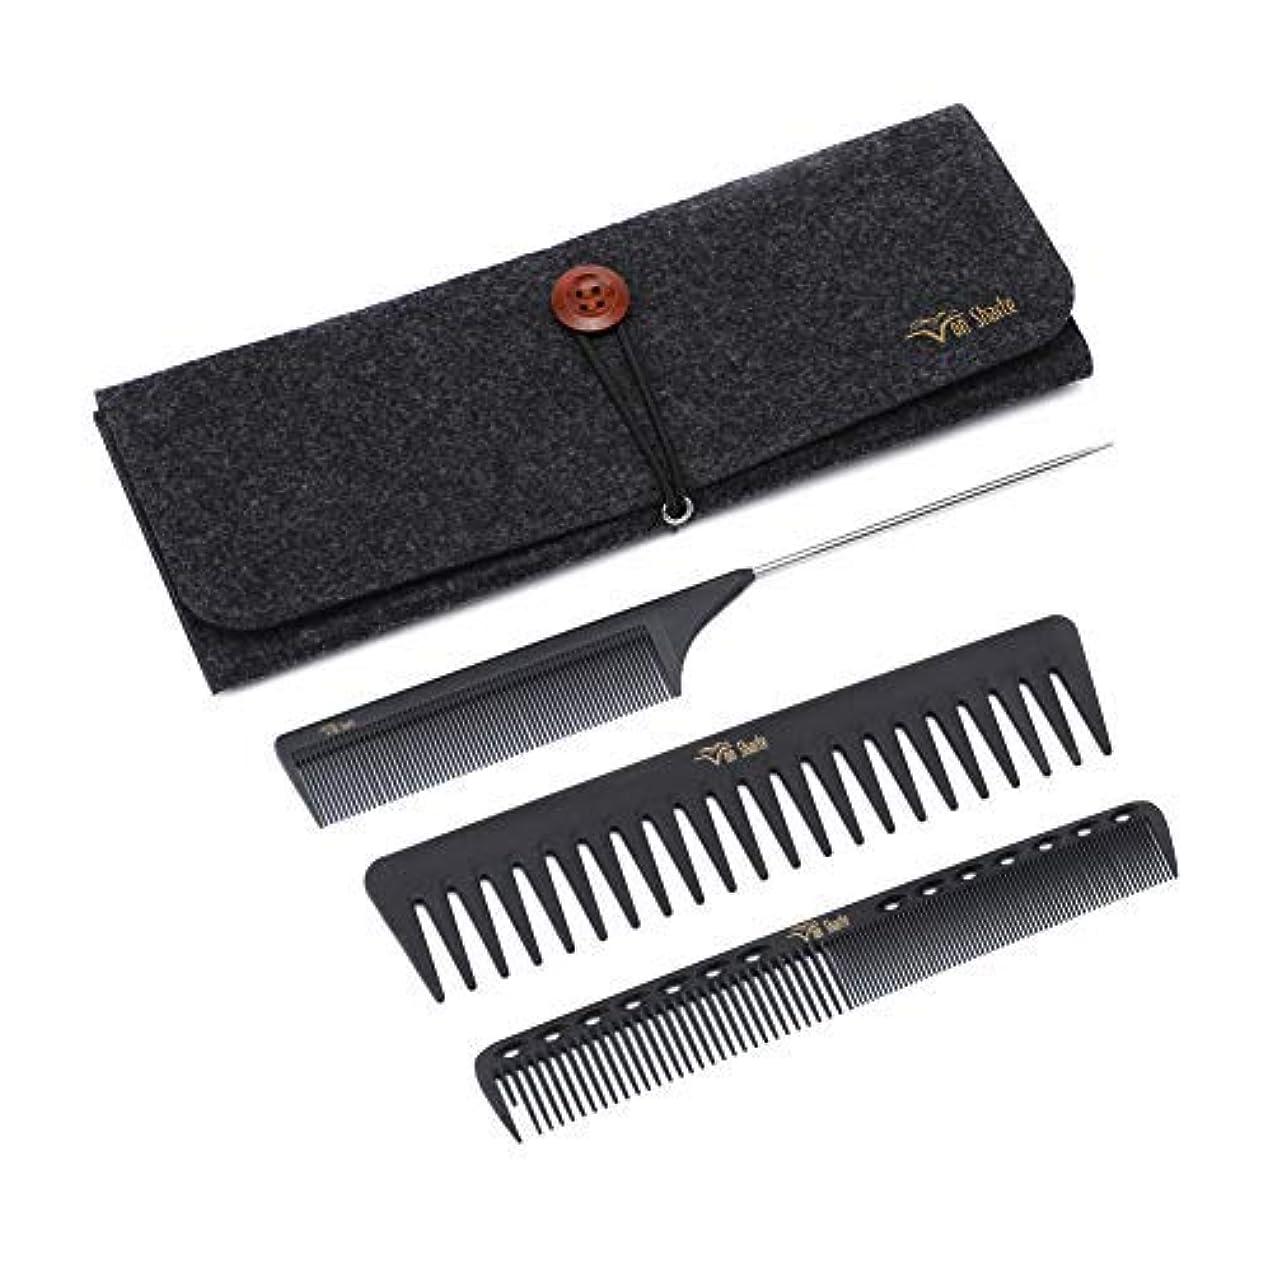 ねじれかもしれない校長Styling Comb Set,Hairdresser Barber Comb Cutting Hair Comb Carbon Fiber Wide Tooth Comb Metal Rat Pin Tail Comb...